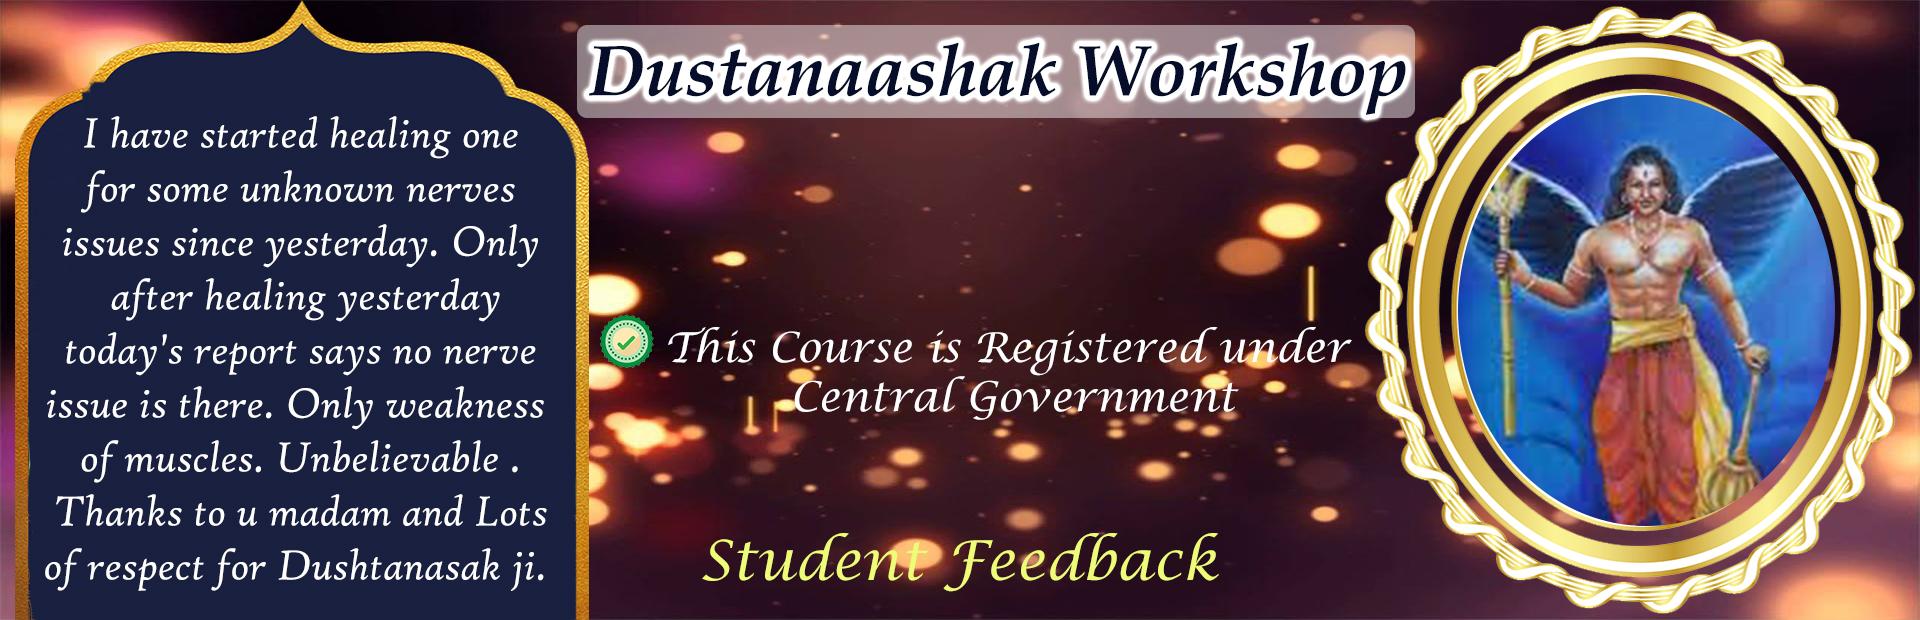 Dustanaashak review